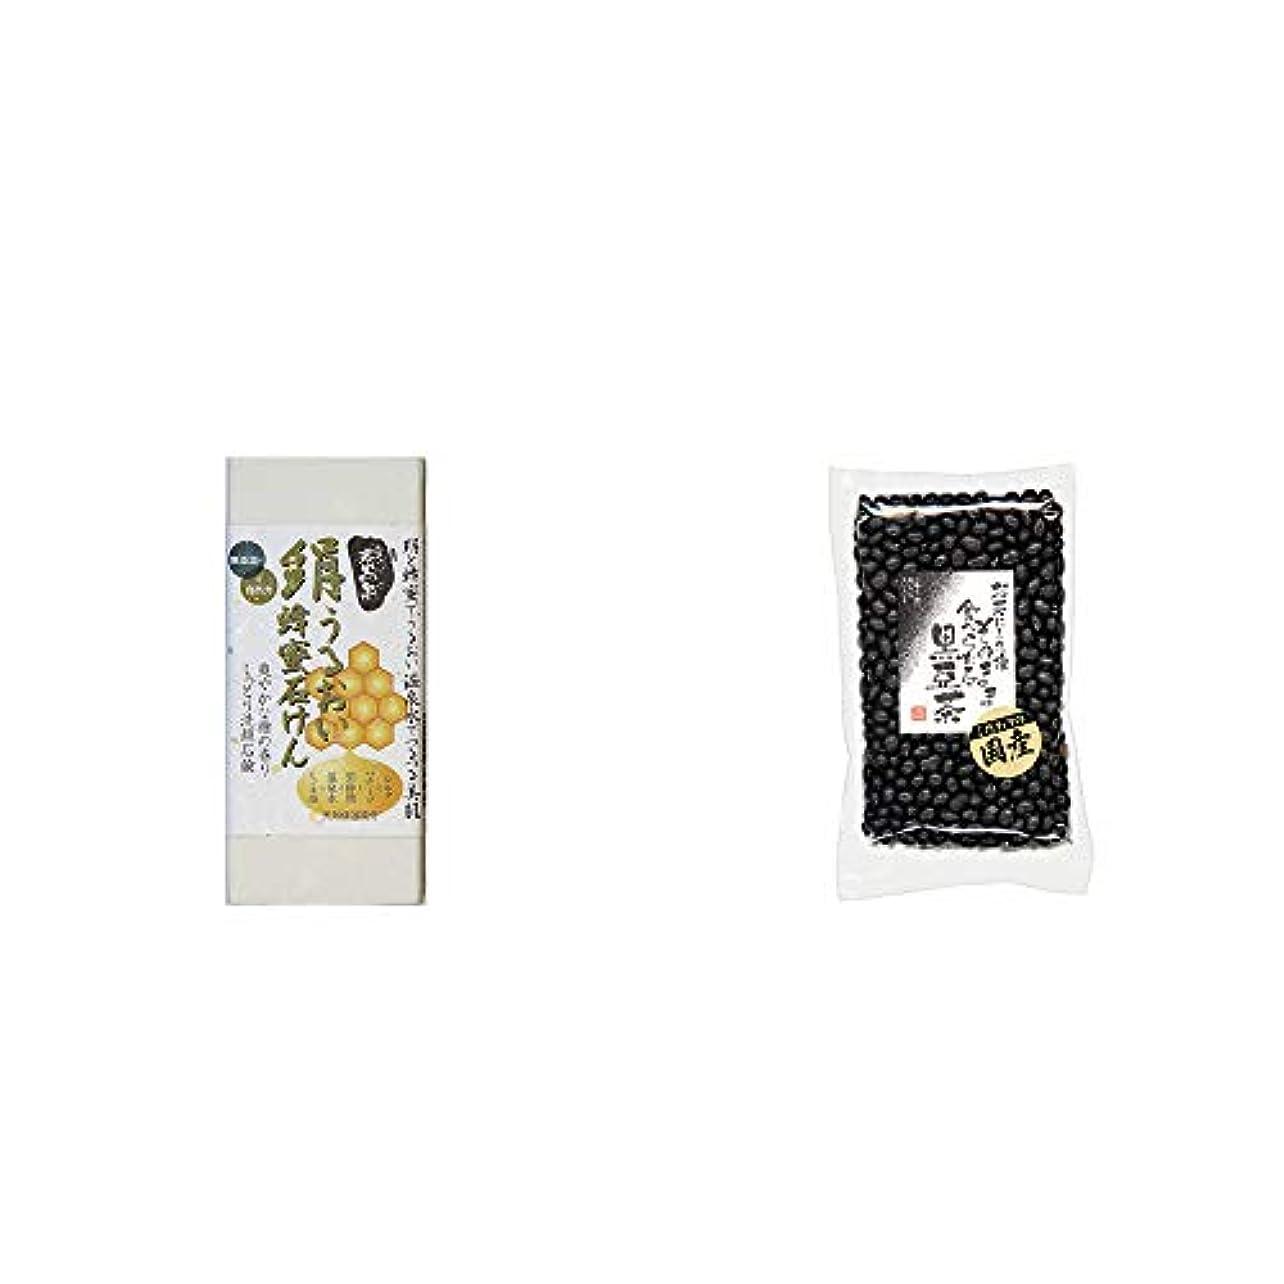 付き添い人関税鉱夫[2点セット] ひのき炭黒泉 絹うるおい蜂蜜石けん(75g×2)?国産 黒豆茶(200g)